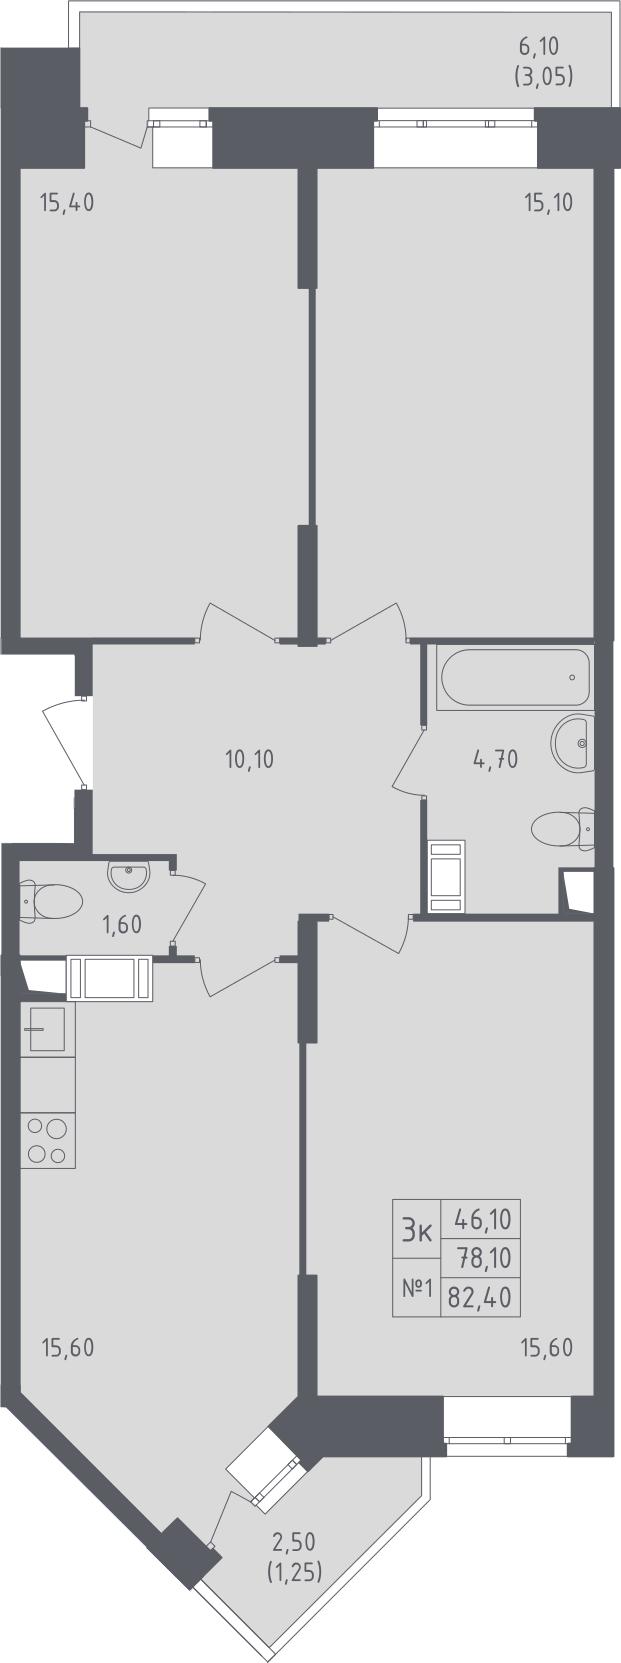 3-к.кв, 82.4 м²